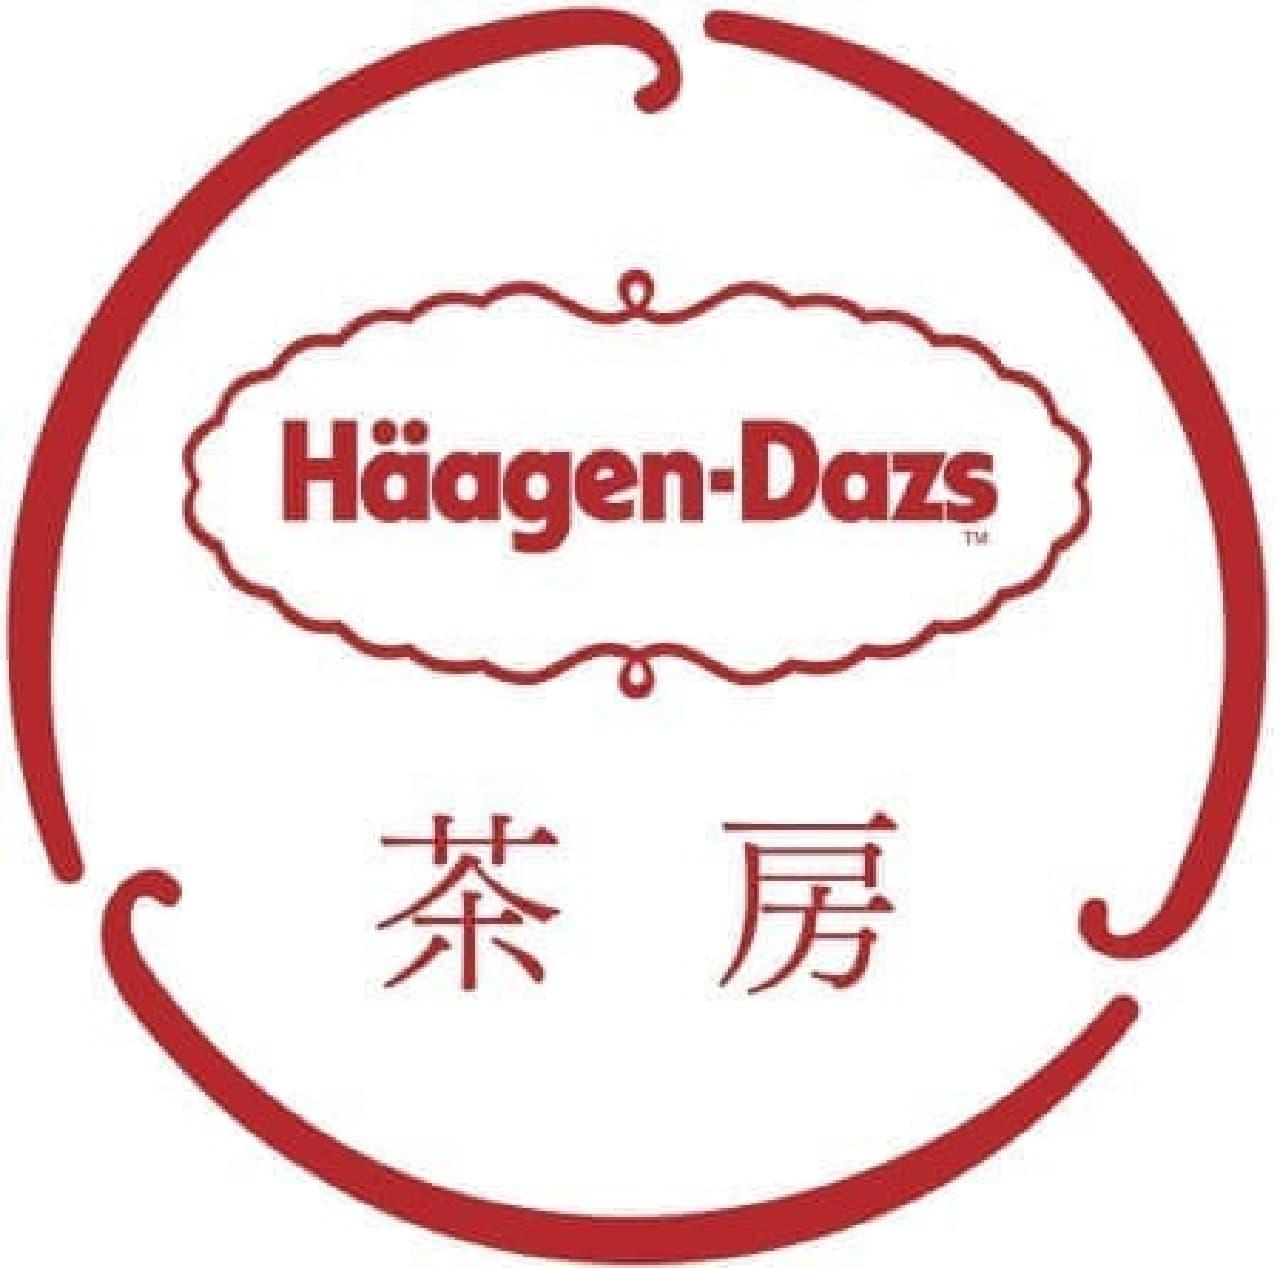 ハーゲンダッツ初の和スイーツ専門店「Haagen-Dazs 茶房」